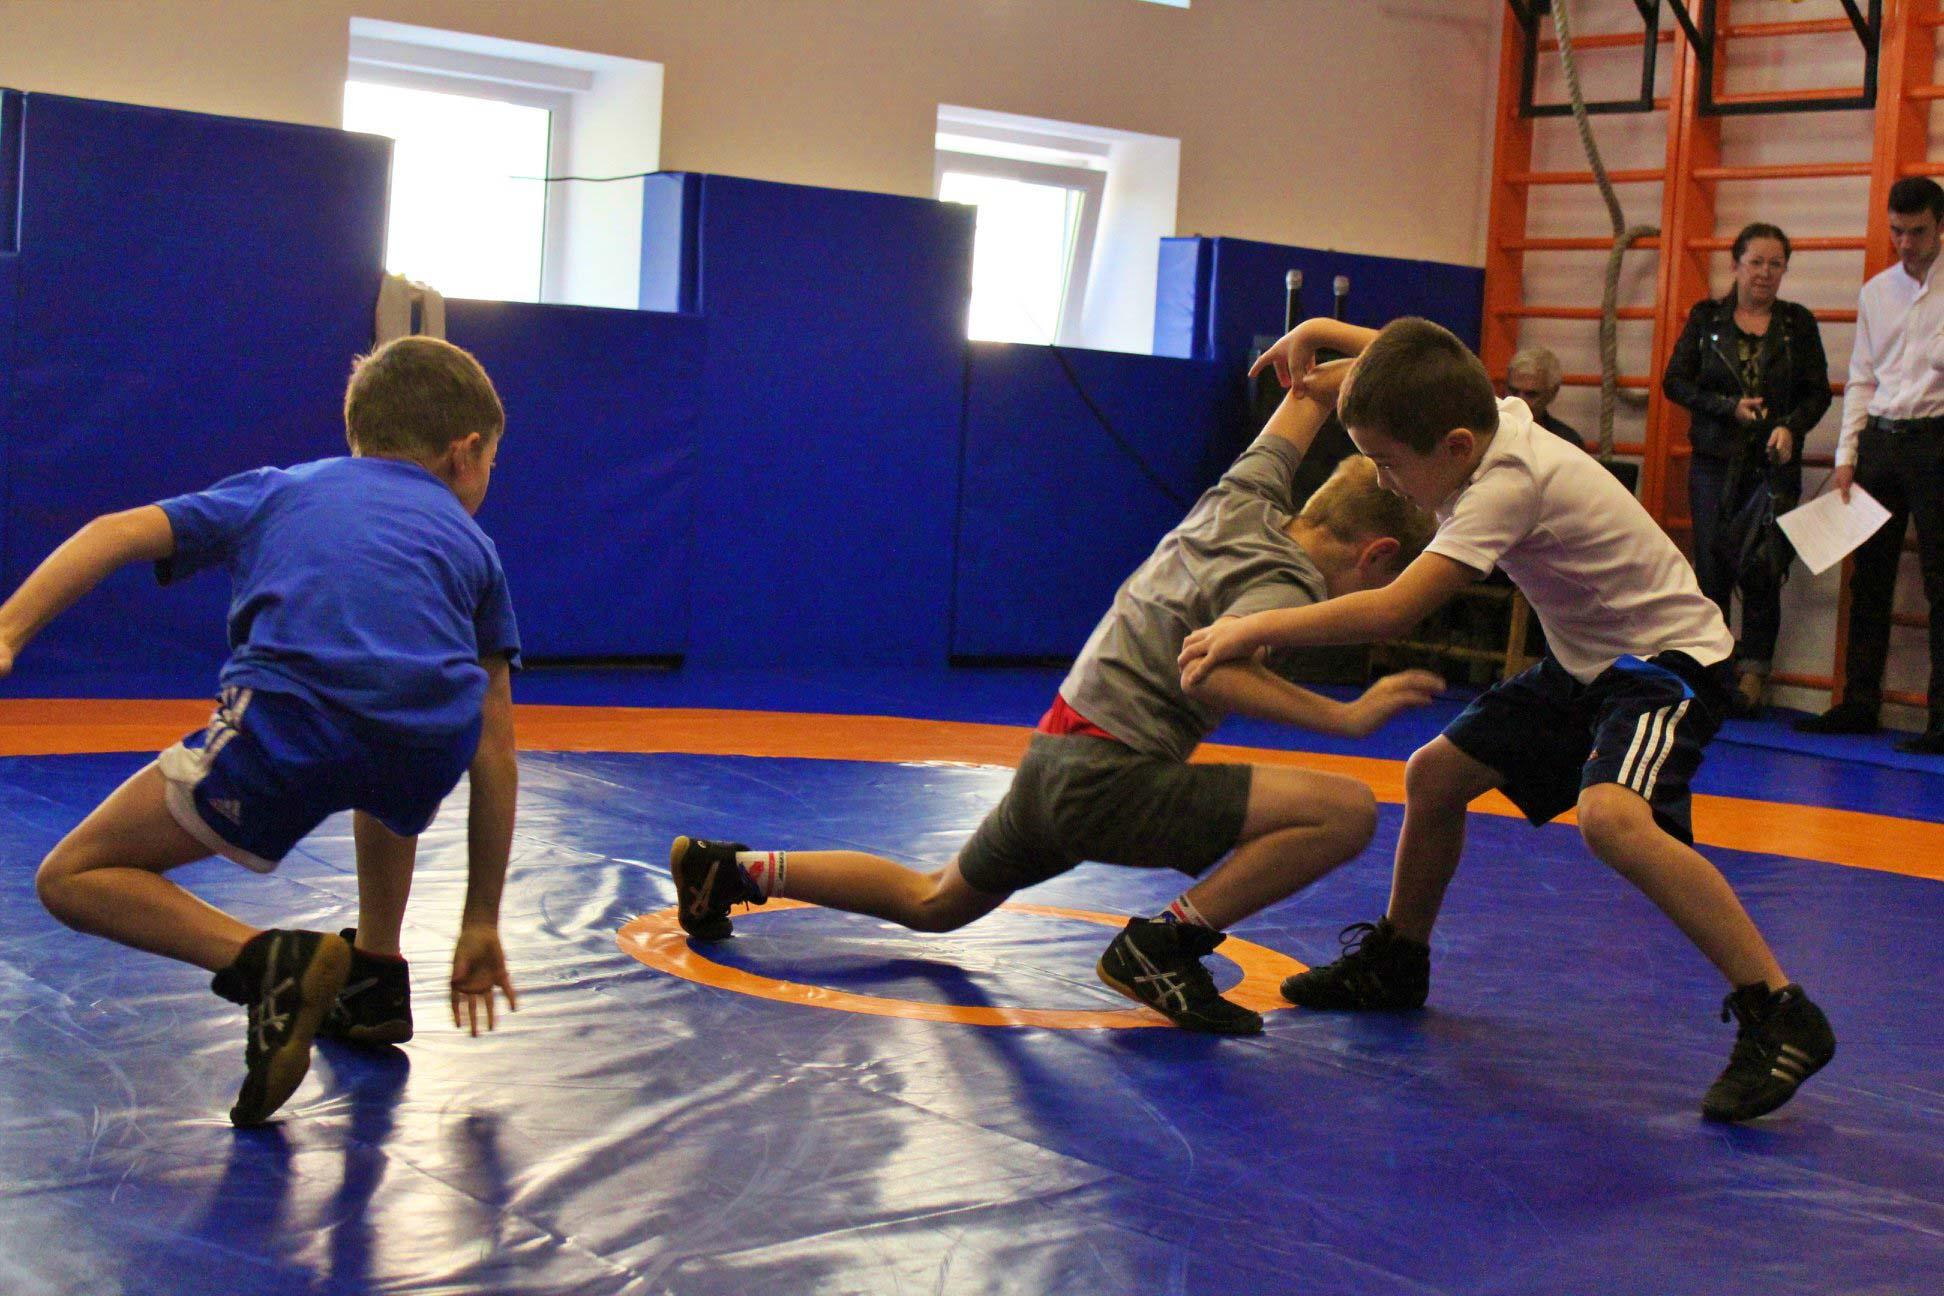 Нову залу для юних борців відкрили в обласному центрі (ФОТО)